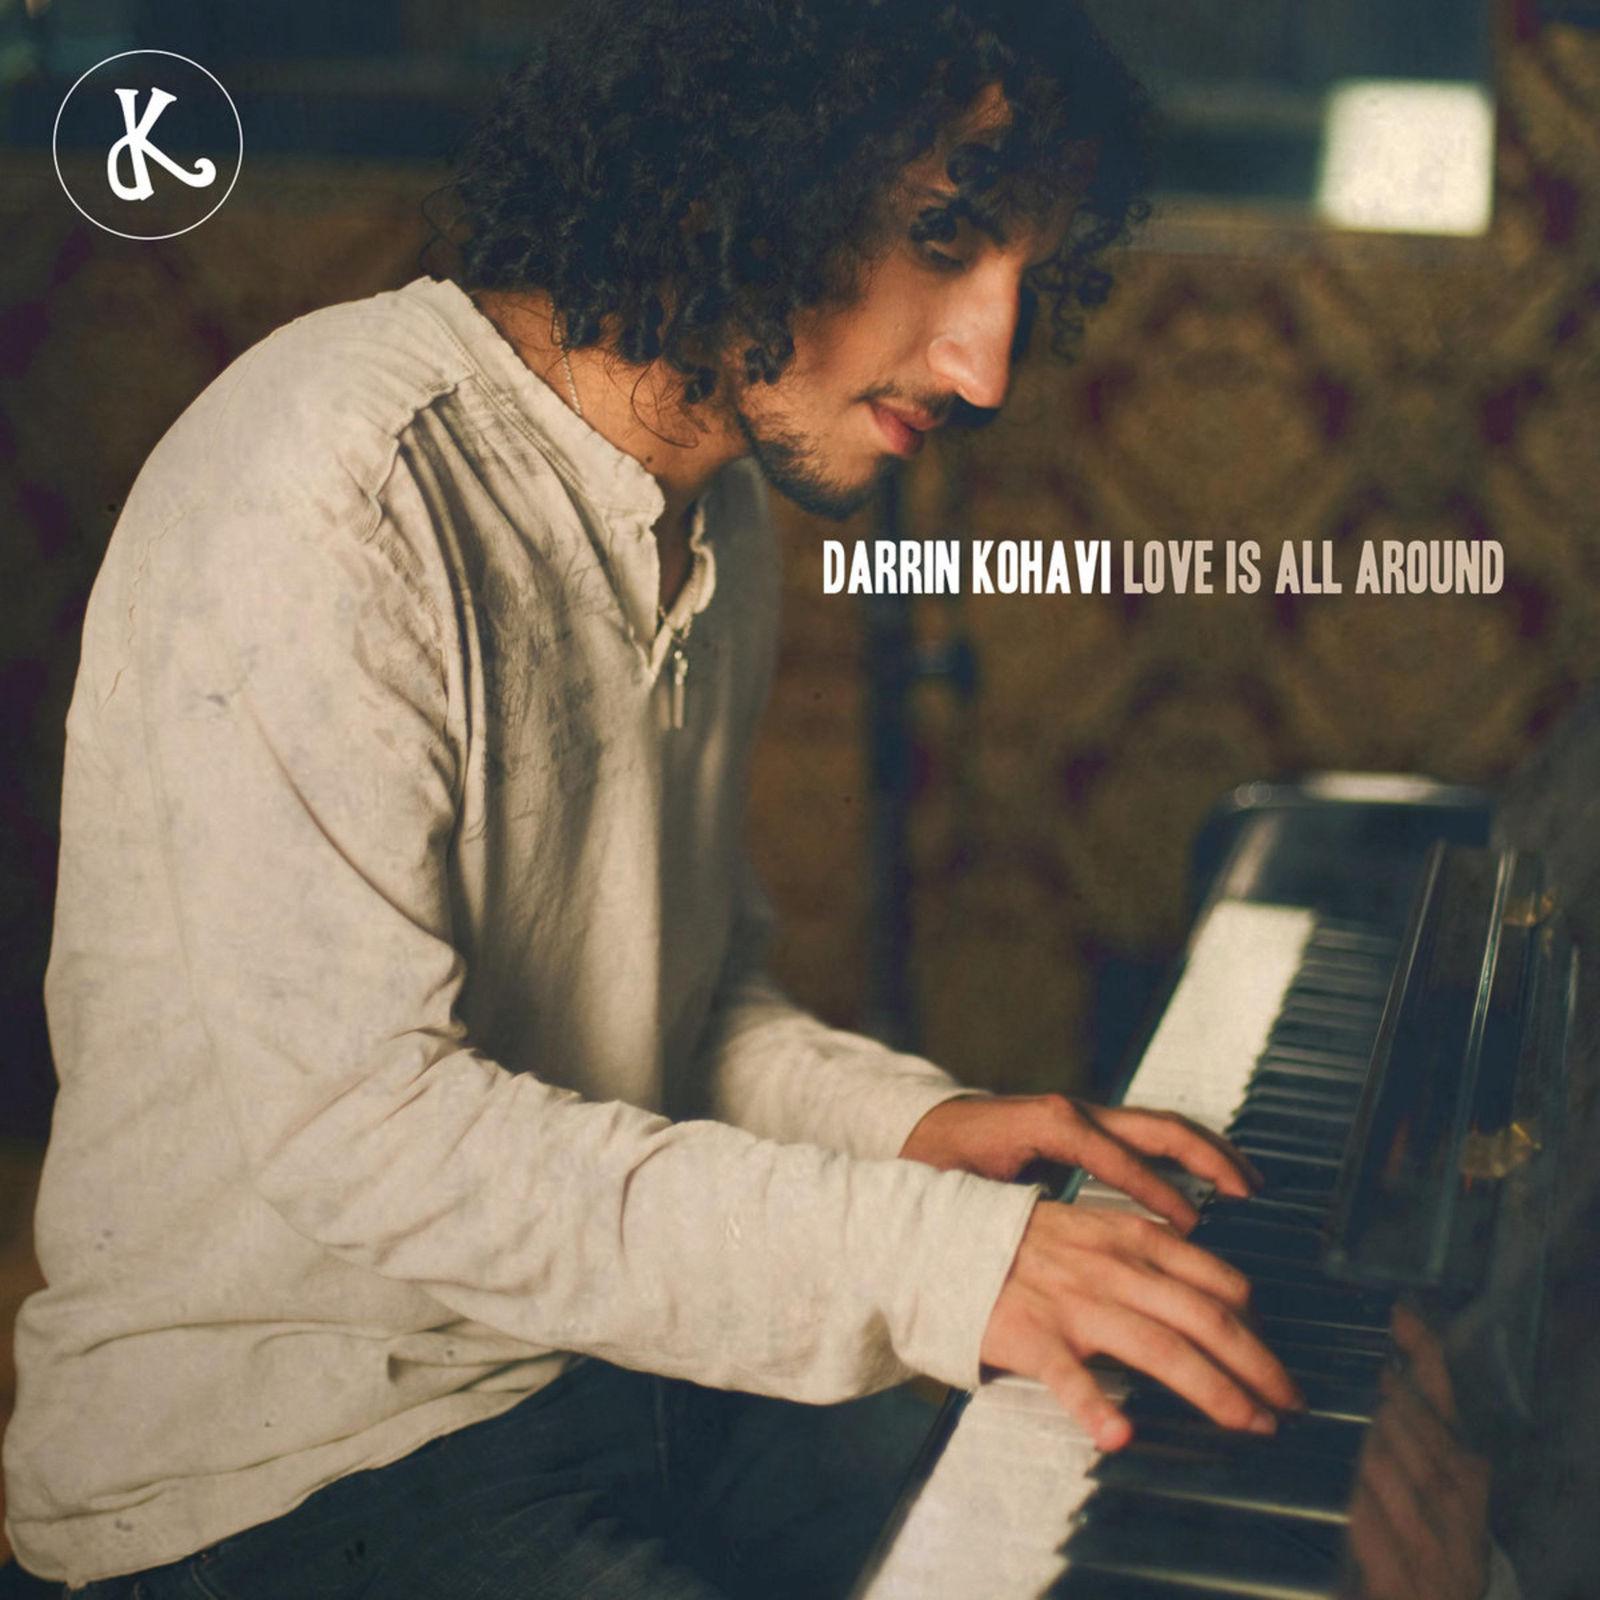 Darrin Kohavi